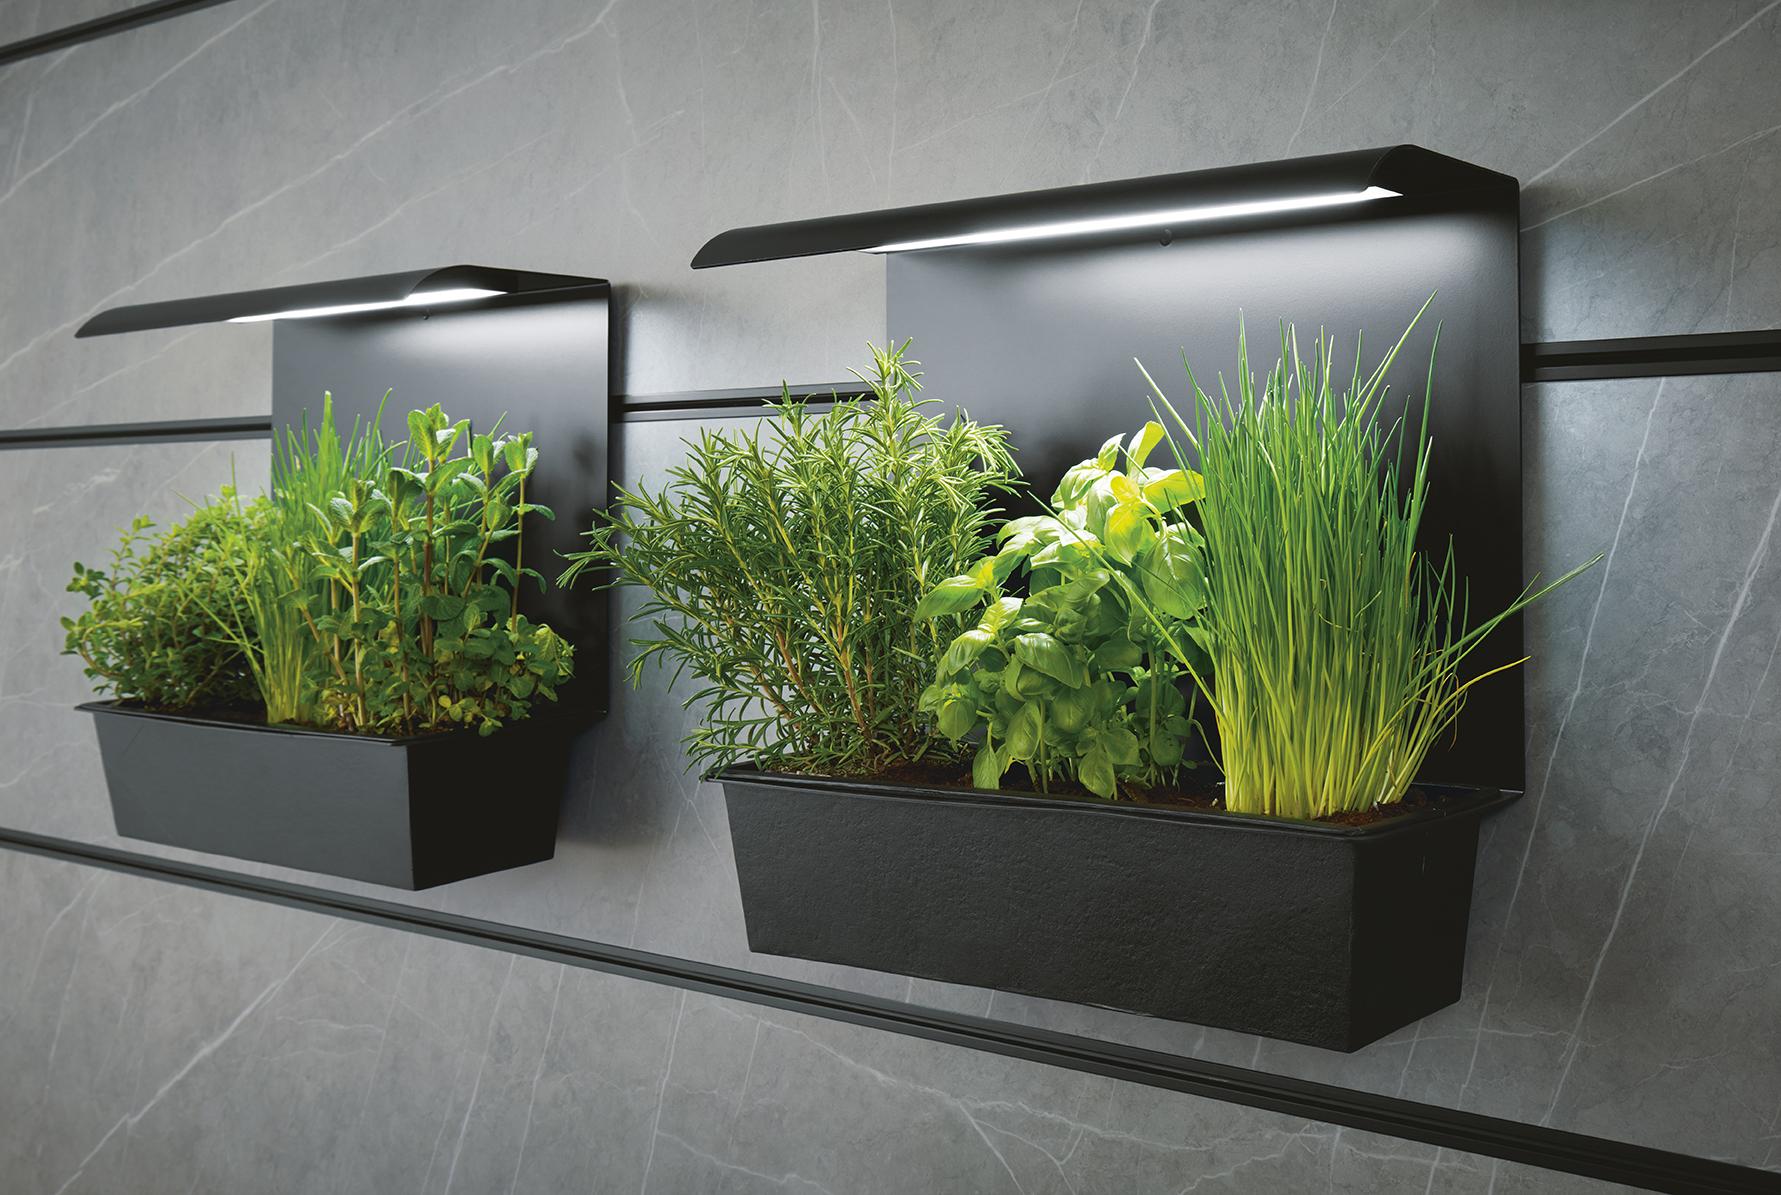 décoration intérieur moderne avec plantes intégrées atmosphère unique green